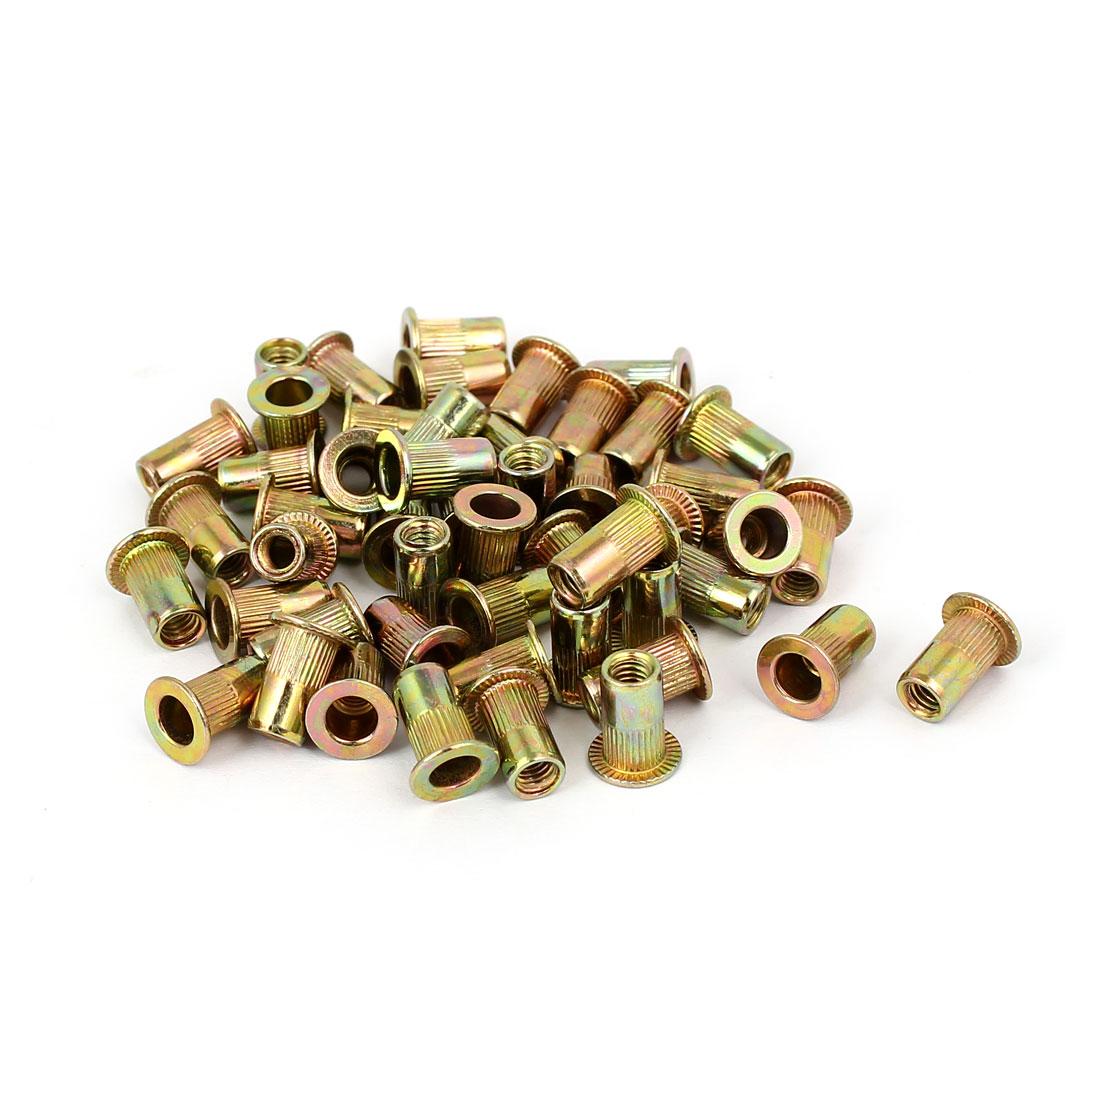 4mmx11mm Straight Knurled Rivet Nut Insert Nutsert Bronze Tone 50pcs